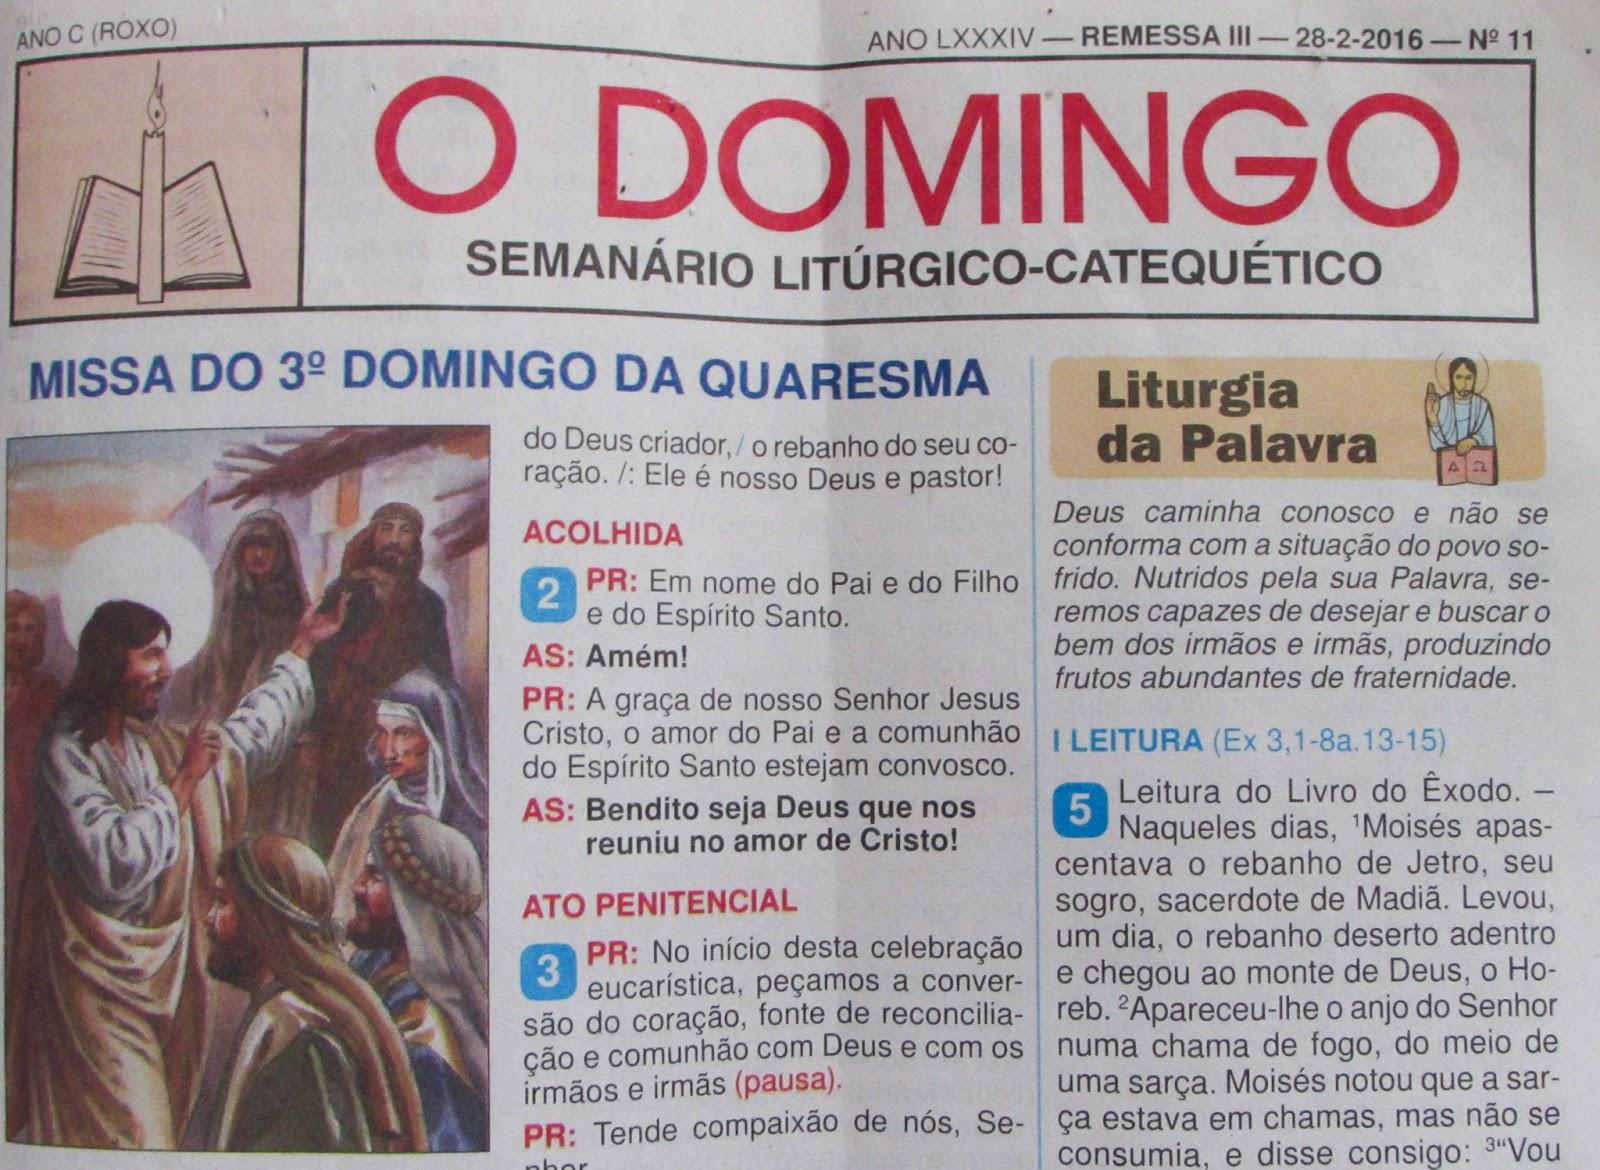 CANTOS DO 3º DOMINGO DA QUARESMA - JORNAL O DOMINGO Cantando Santo